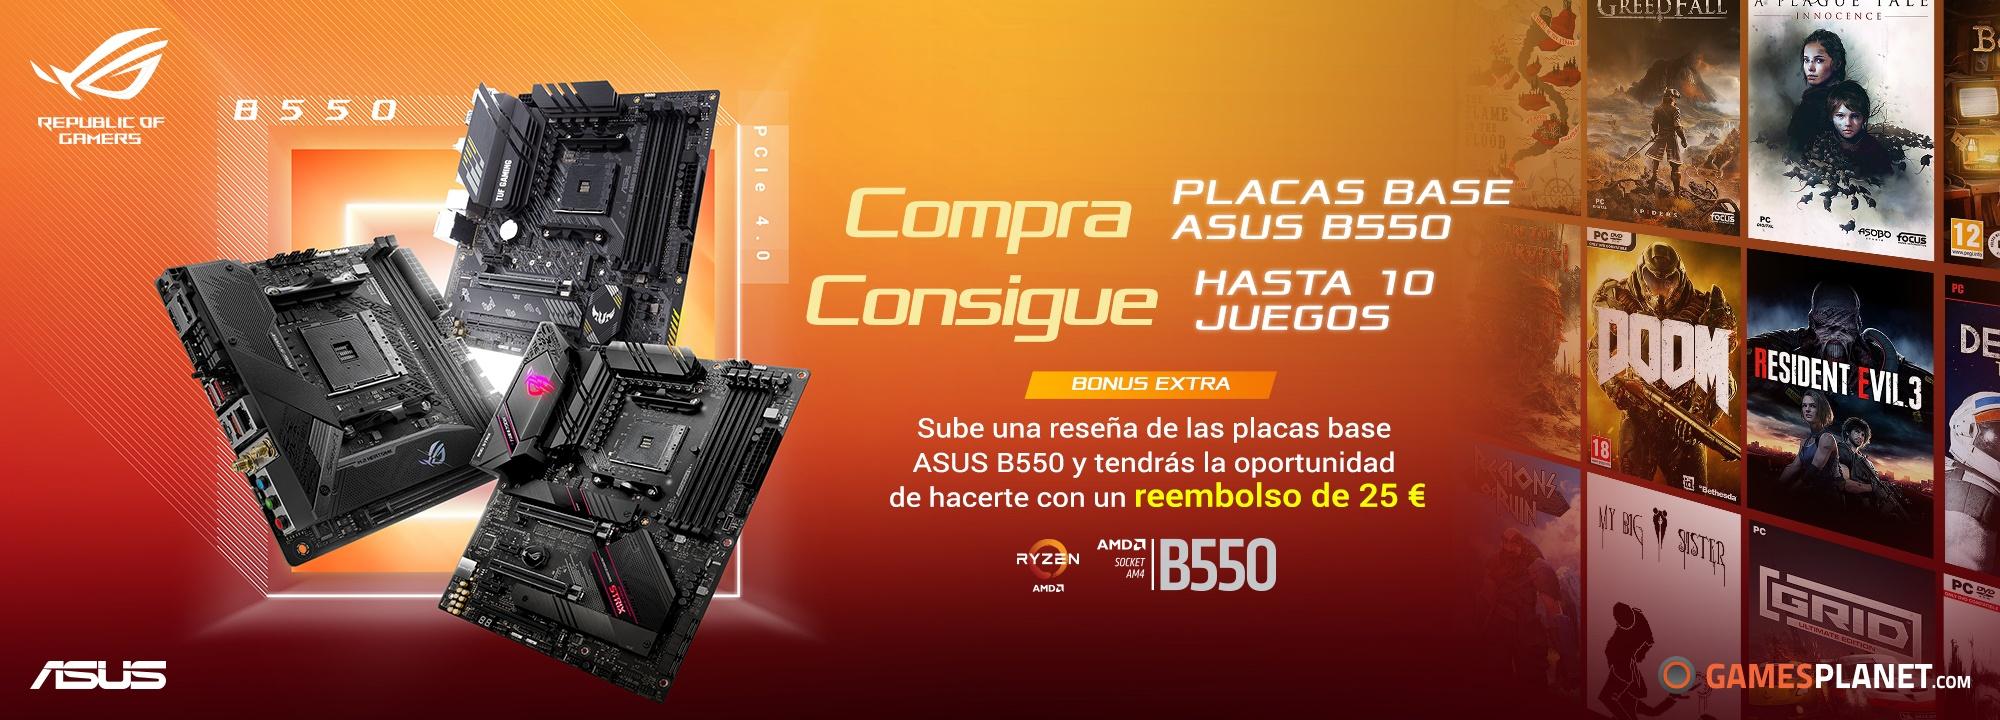 Compra una placa base ASUS B550 y consigue hasta 10 juegos gratis (BONUS: +25€ reembolso)